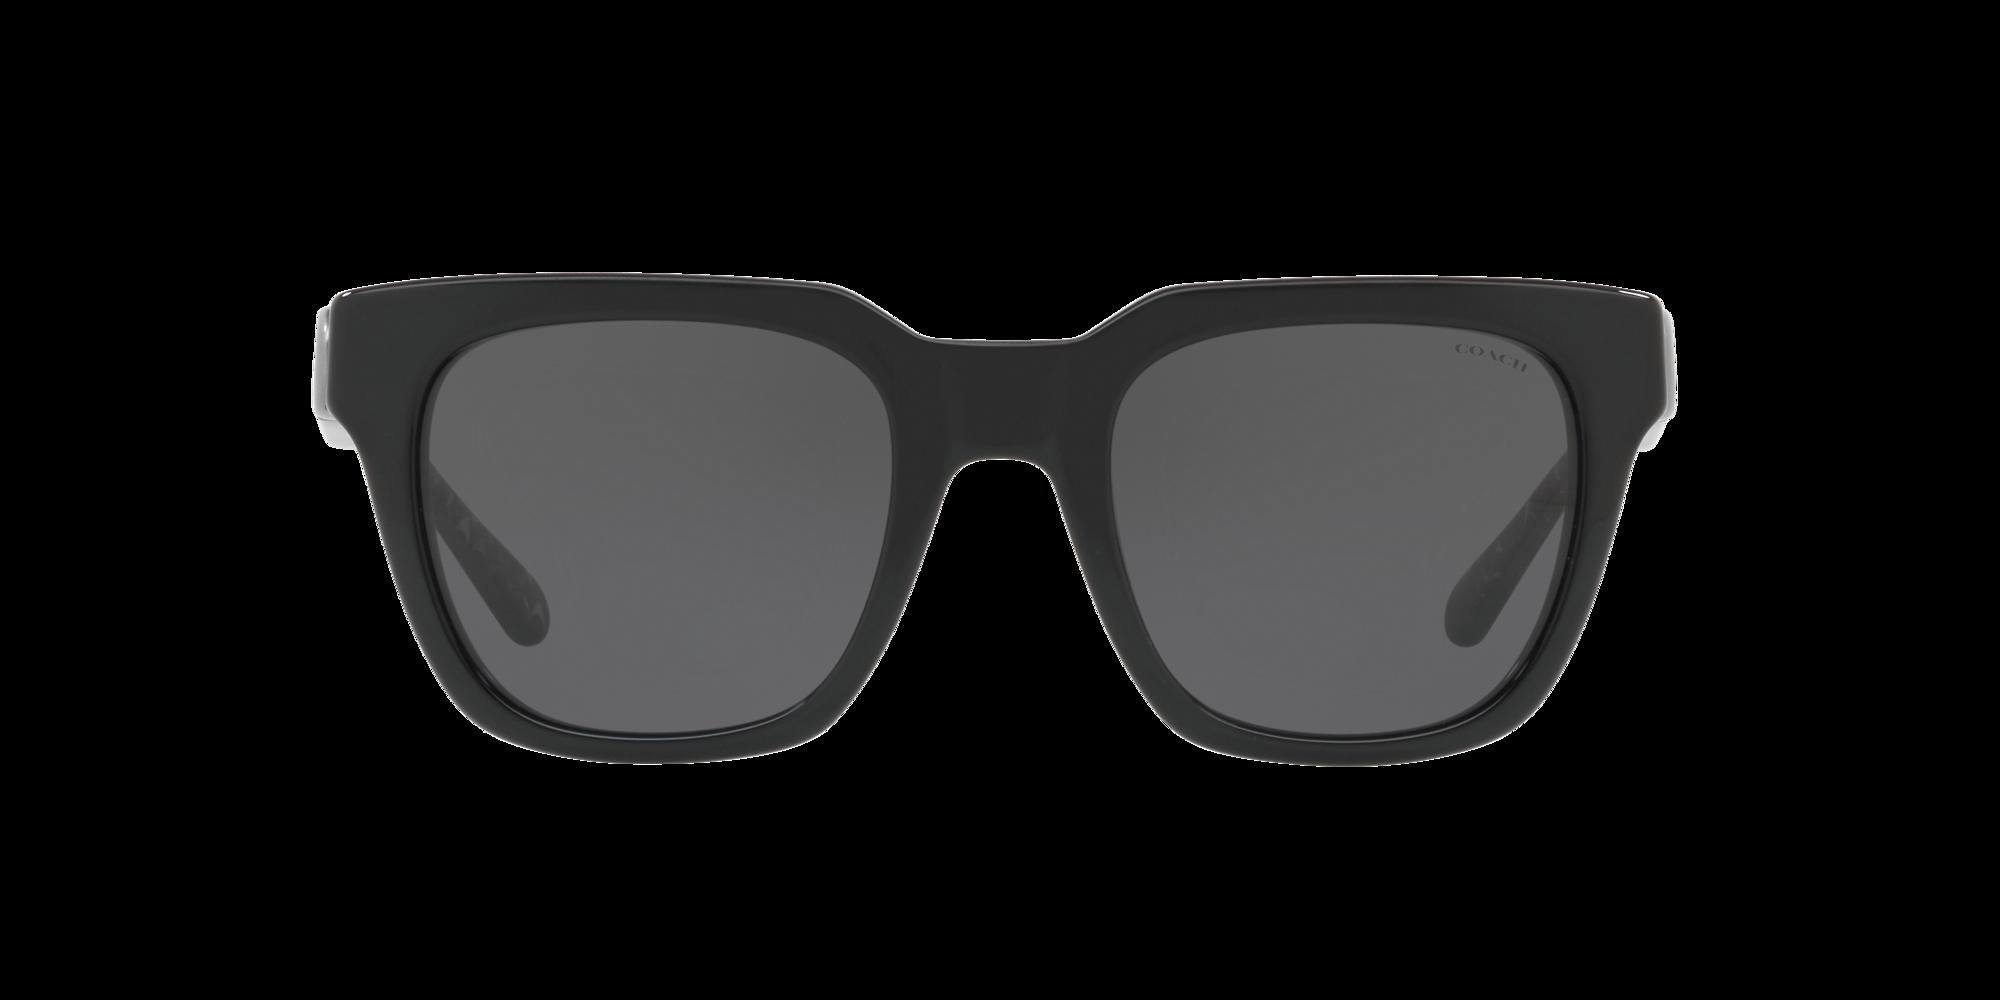 Imagen para HC8240 52 L1028 de LensCrafters    Espejuelos, espejuelos graduados en línea, gafas